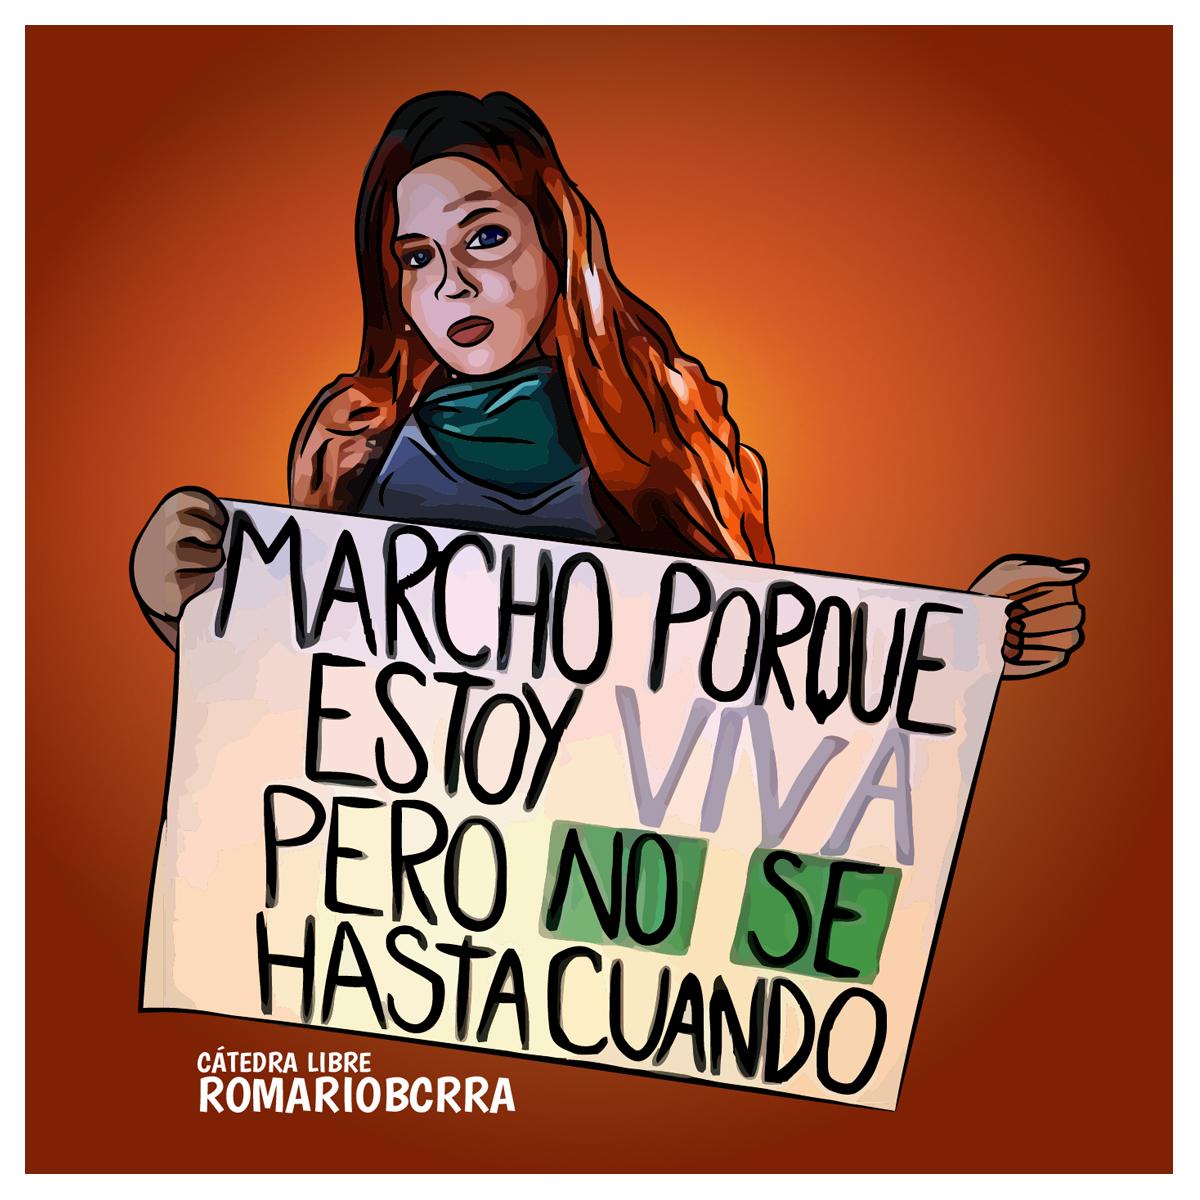 #colombia #noticias #protestas #violencia #paz #dictadura #sucesos #inseguridad #asesinó #masacres #ejército #periodismo #ultimahora #colombia #bogota #corrupcion #estudiantes #policia #noalaguerradeduqueyuribe #arte #politica #dibujos #opinion #critica #justicia #libertad #uribe https://t.co/FJzQs0OnTs